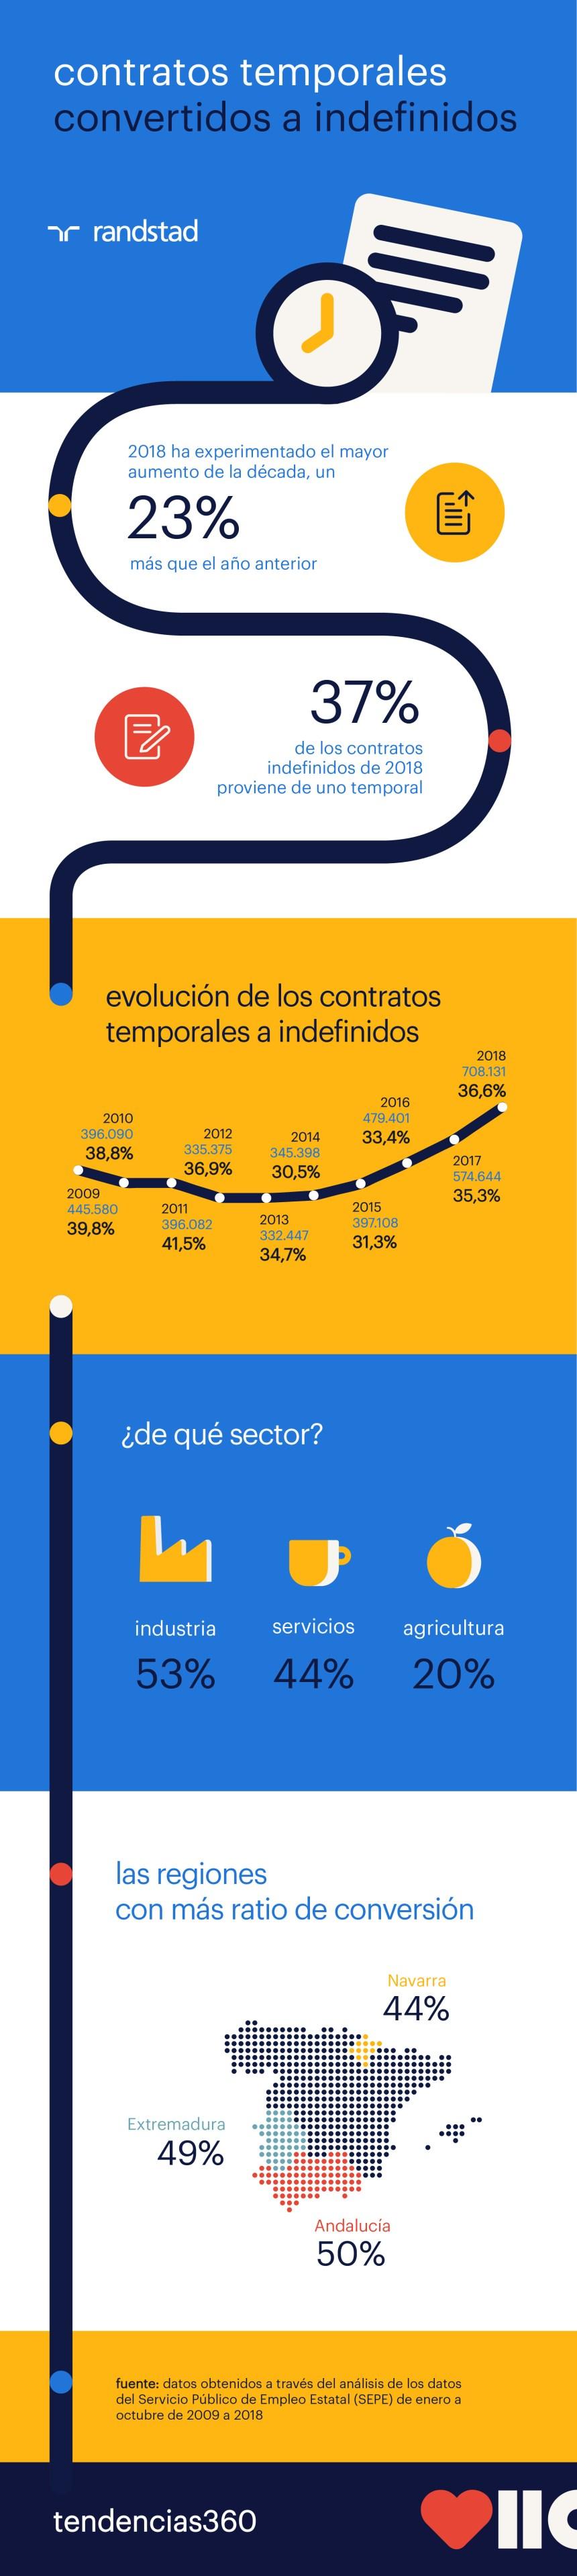 Contratos temporales convertidos en indefinidos #infografia #infographic #rrhh